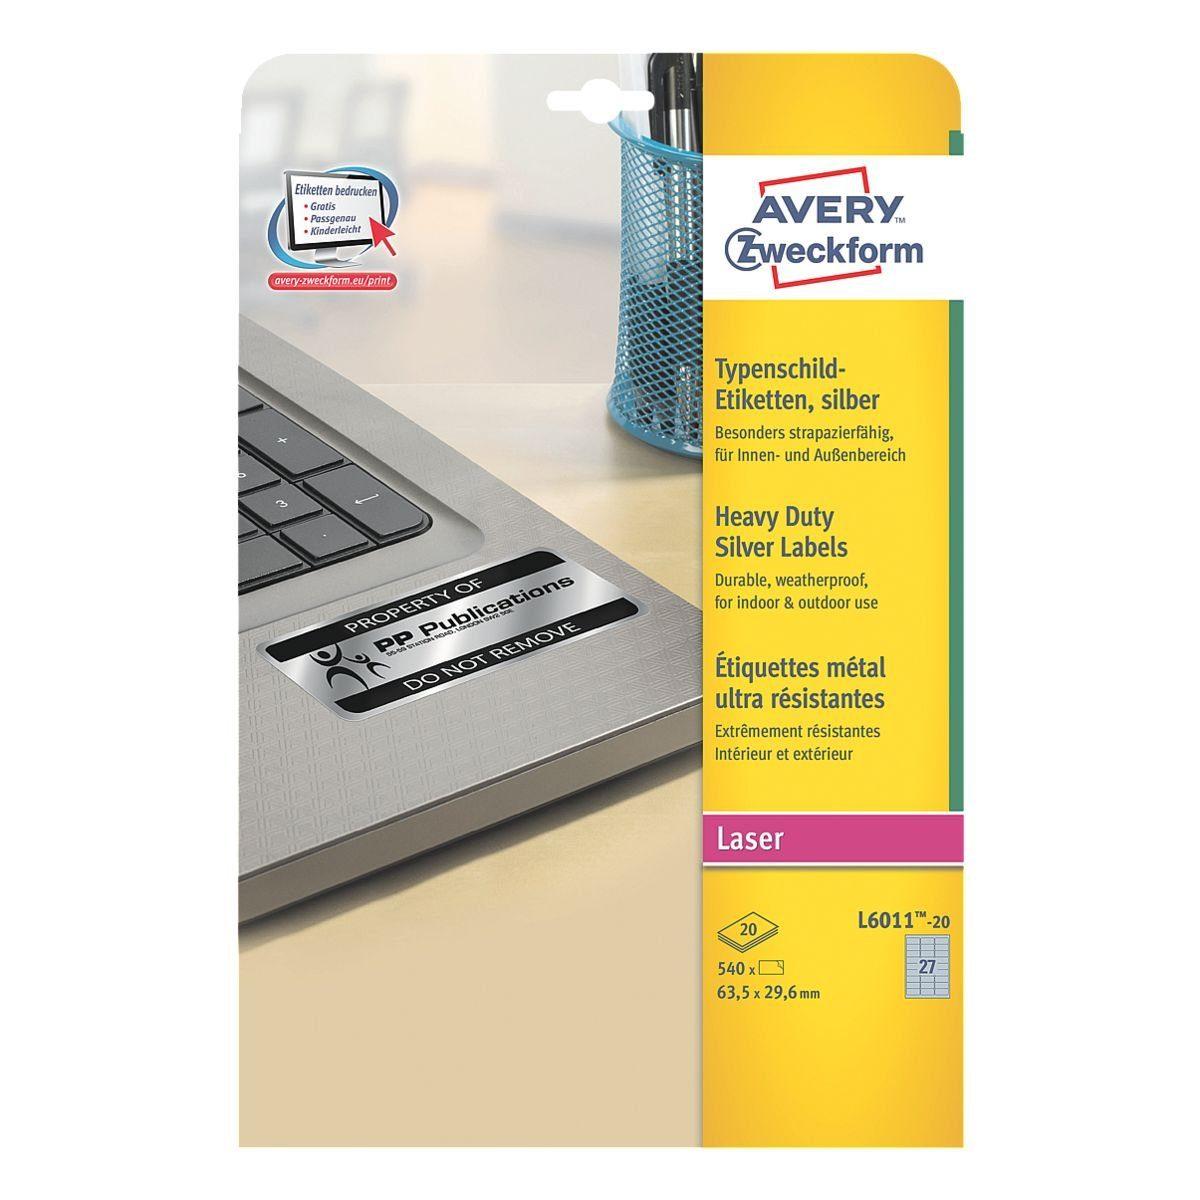 Avery Zweckform 540er-Pack Typenschild-Etiketten »L6011-20«